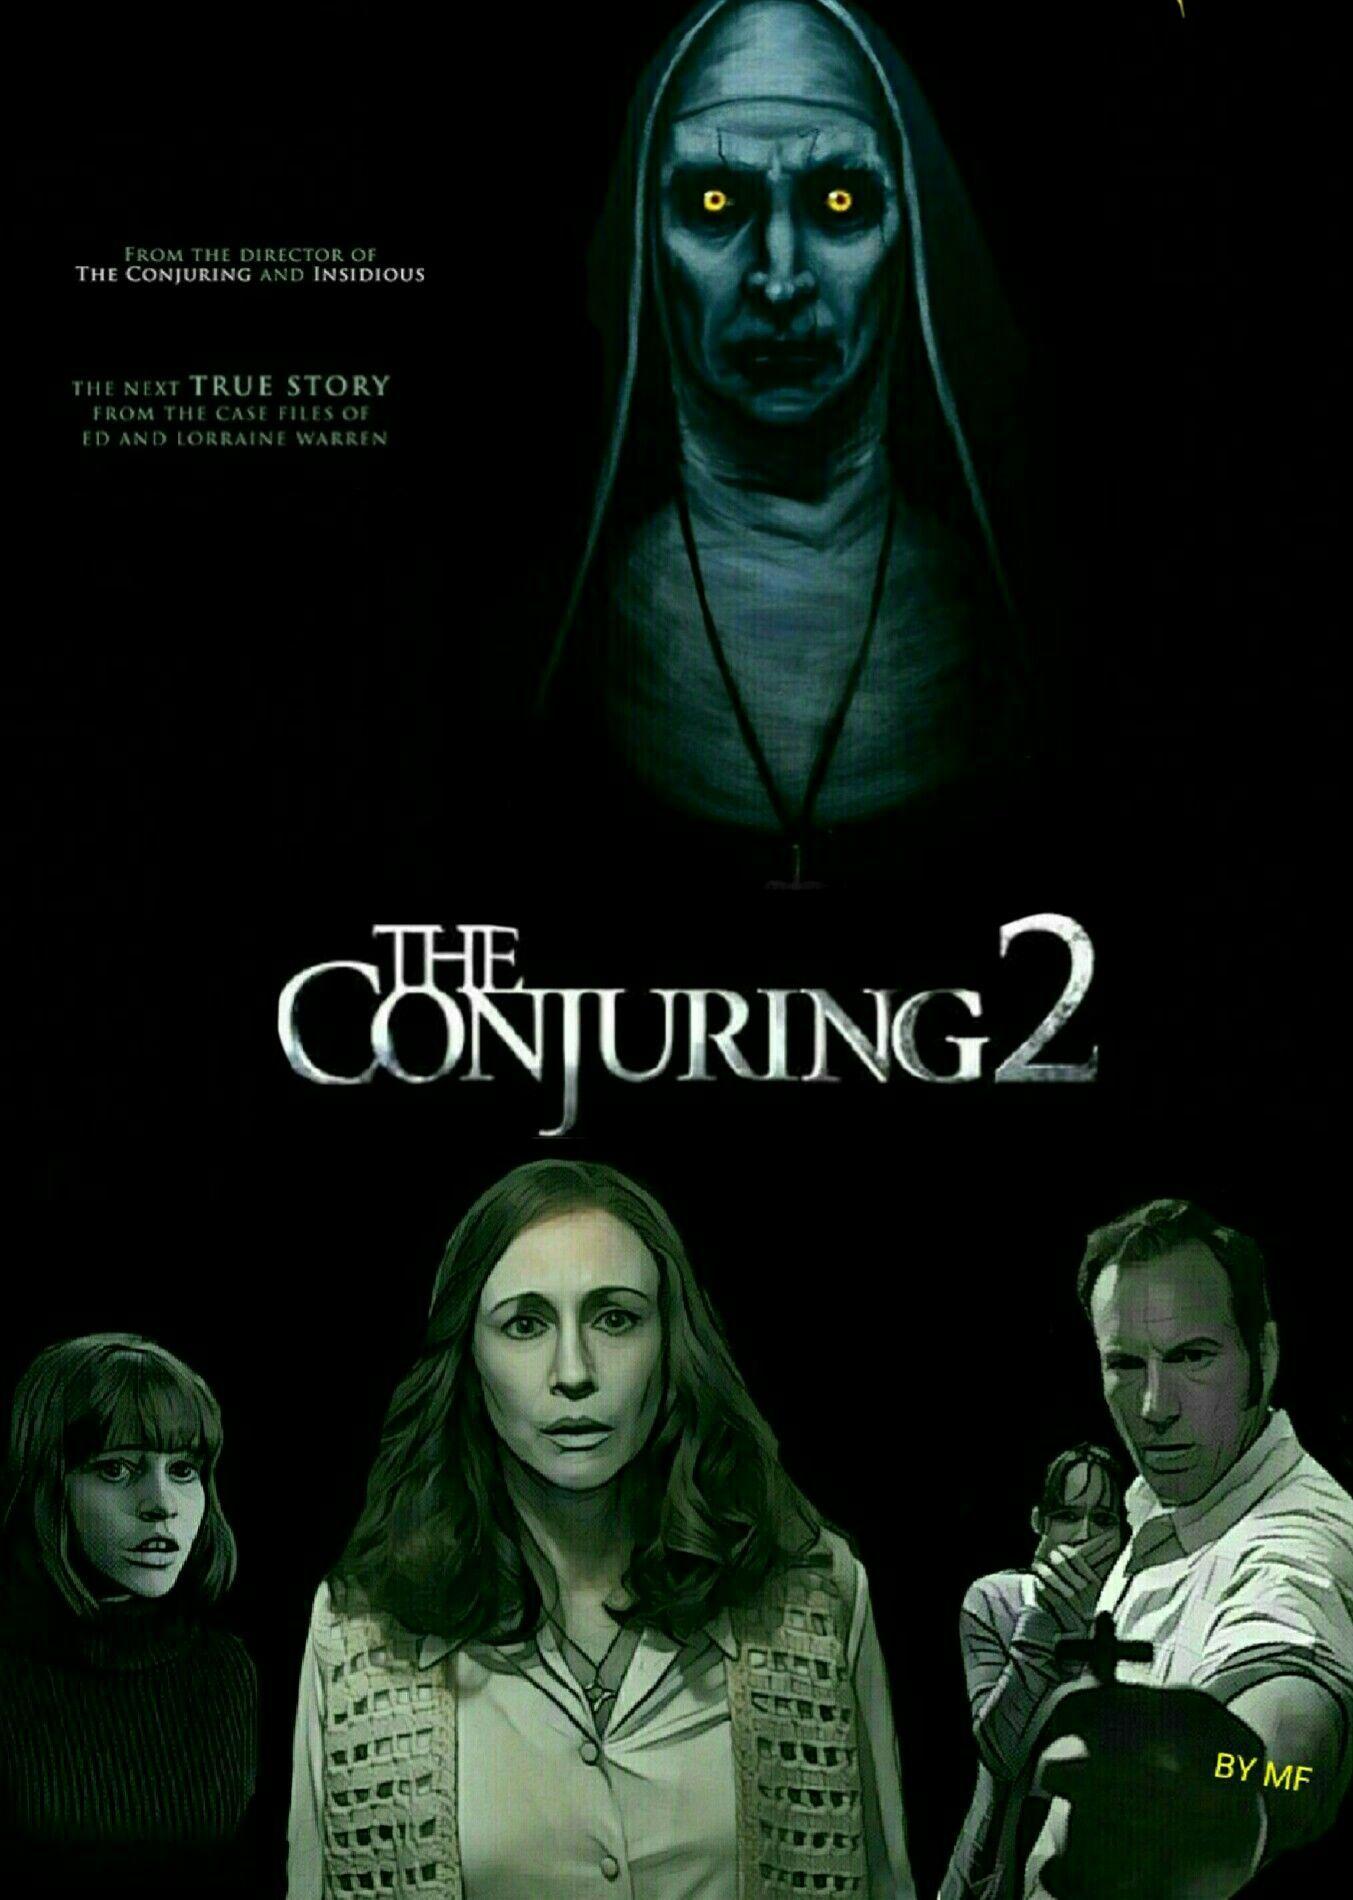 The Conjuring 2 Horror Movie Filmes De Terror Melhores Filmes